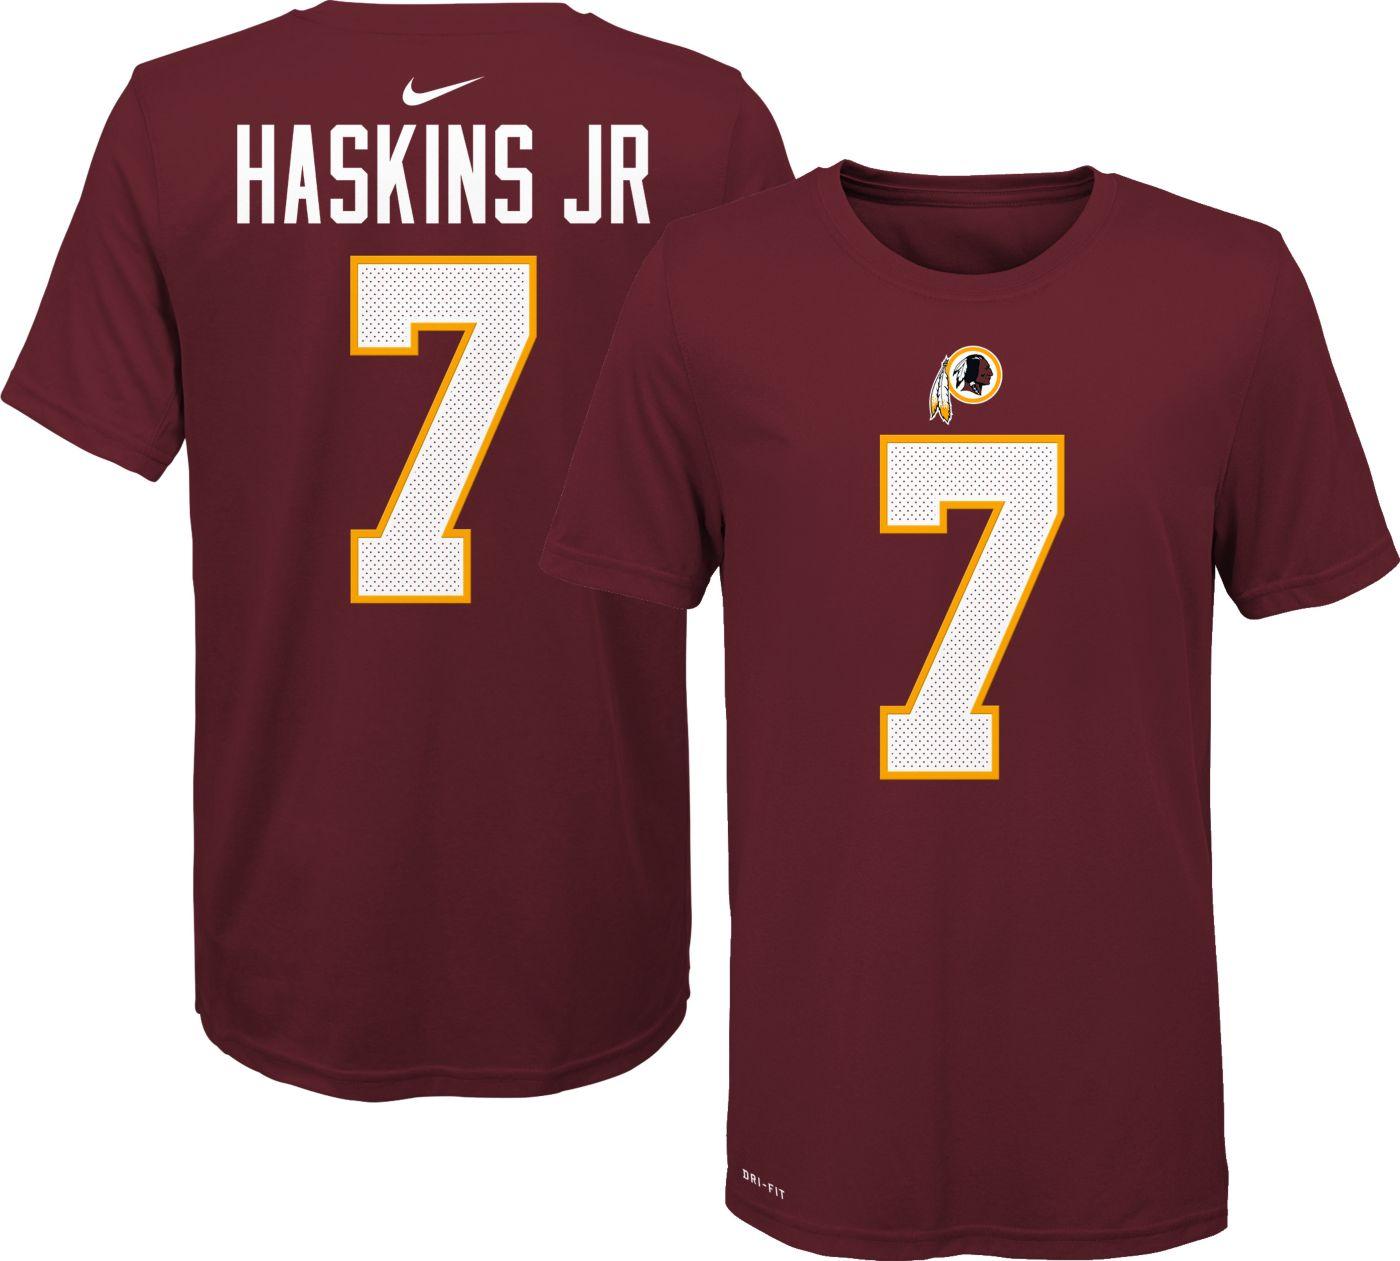 Nike Youth Washington Redskins Dwayne Haskins #7 Logo Red T-Shirt